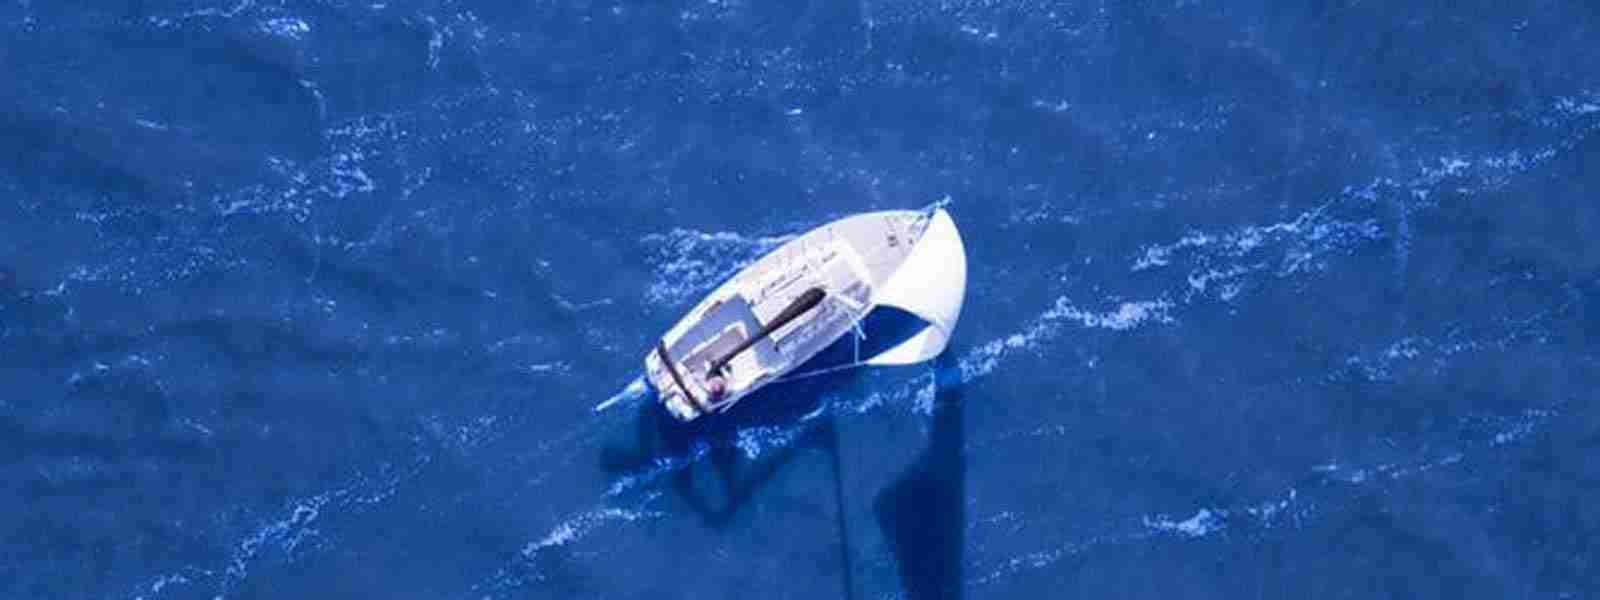 Best Outboard Motor Oil 2 Stroke